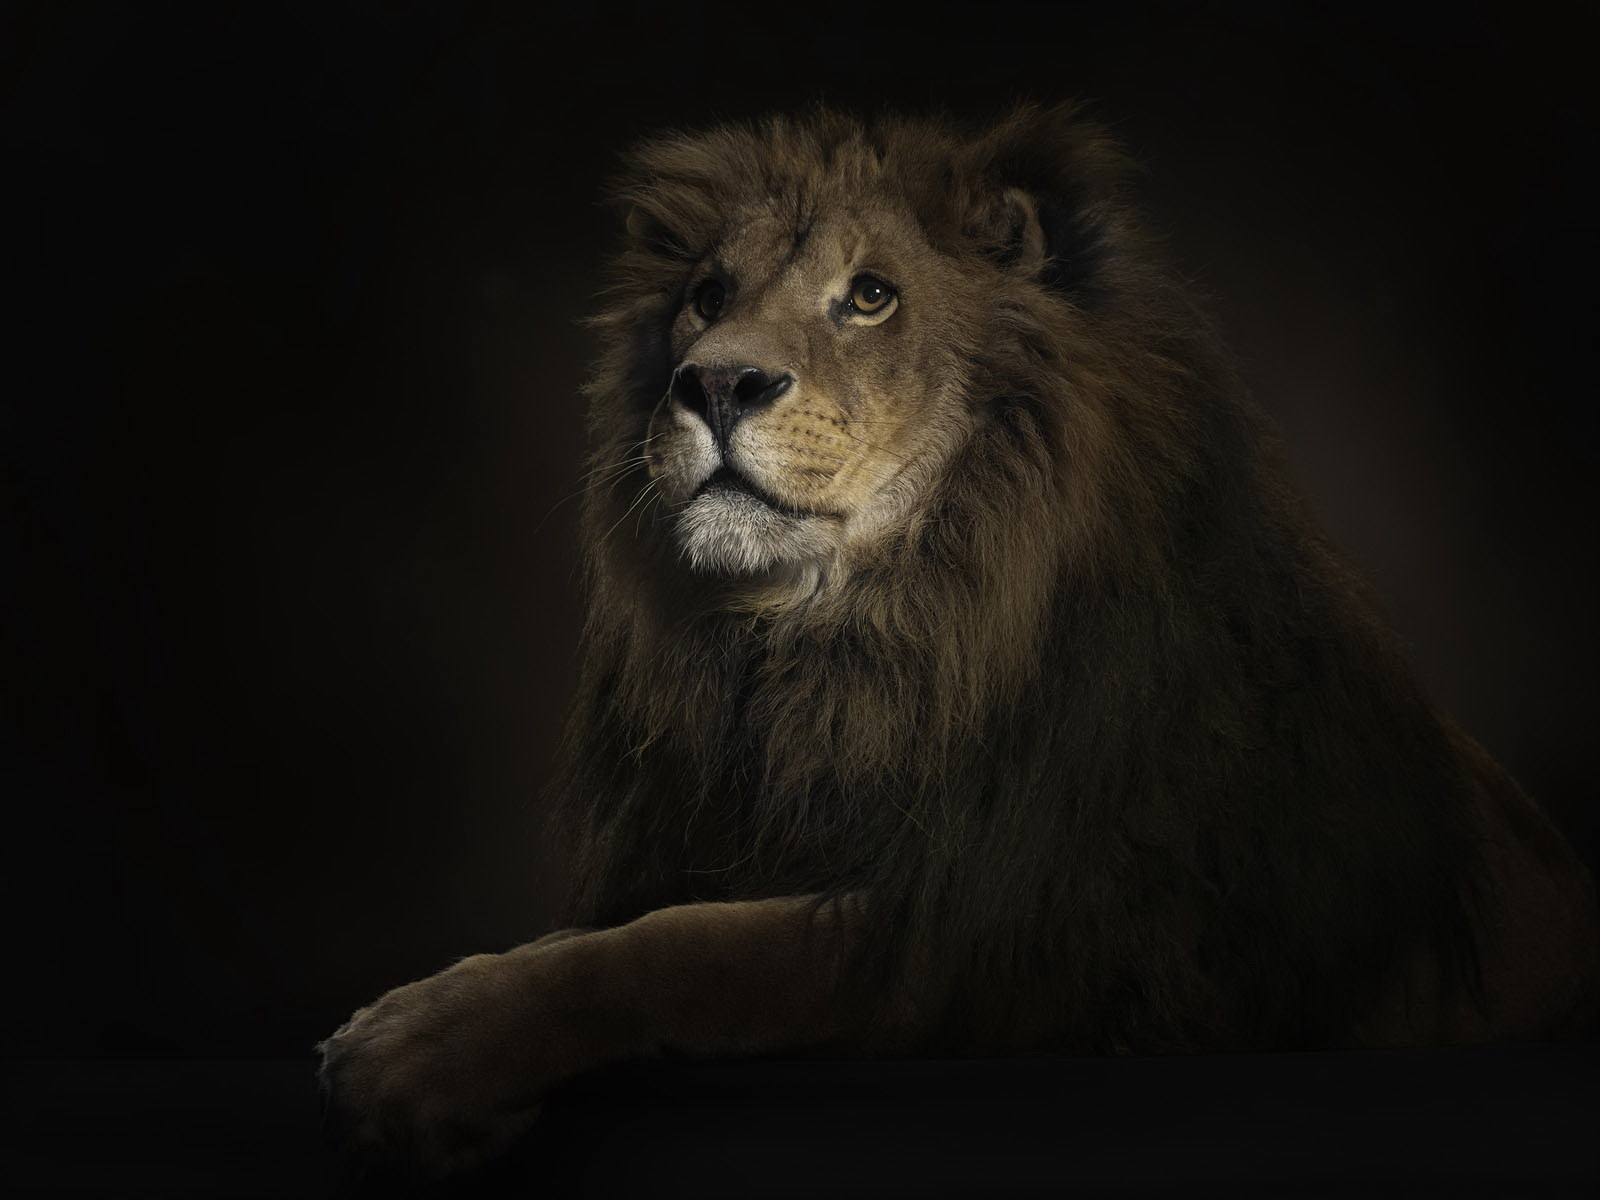 большой лев, скачать фото, обои для рабочего стола, львы, lion wallpaper